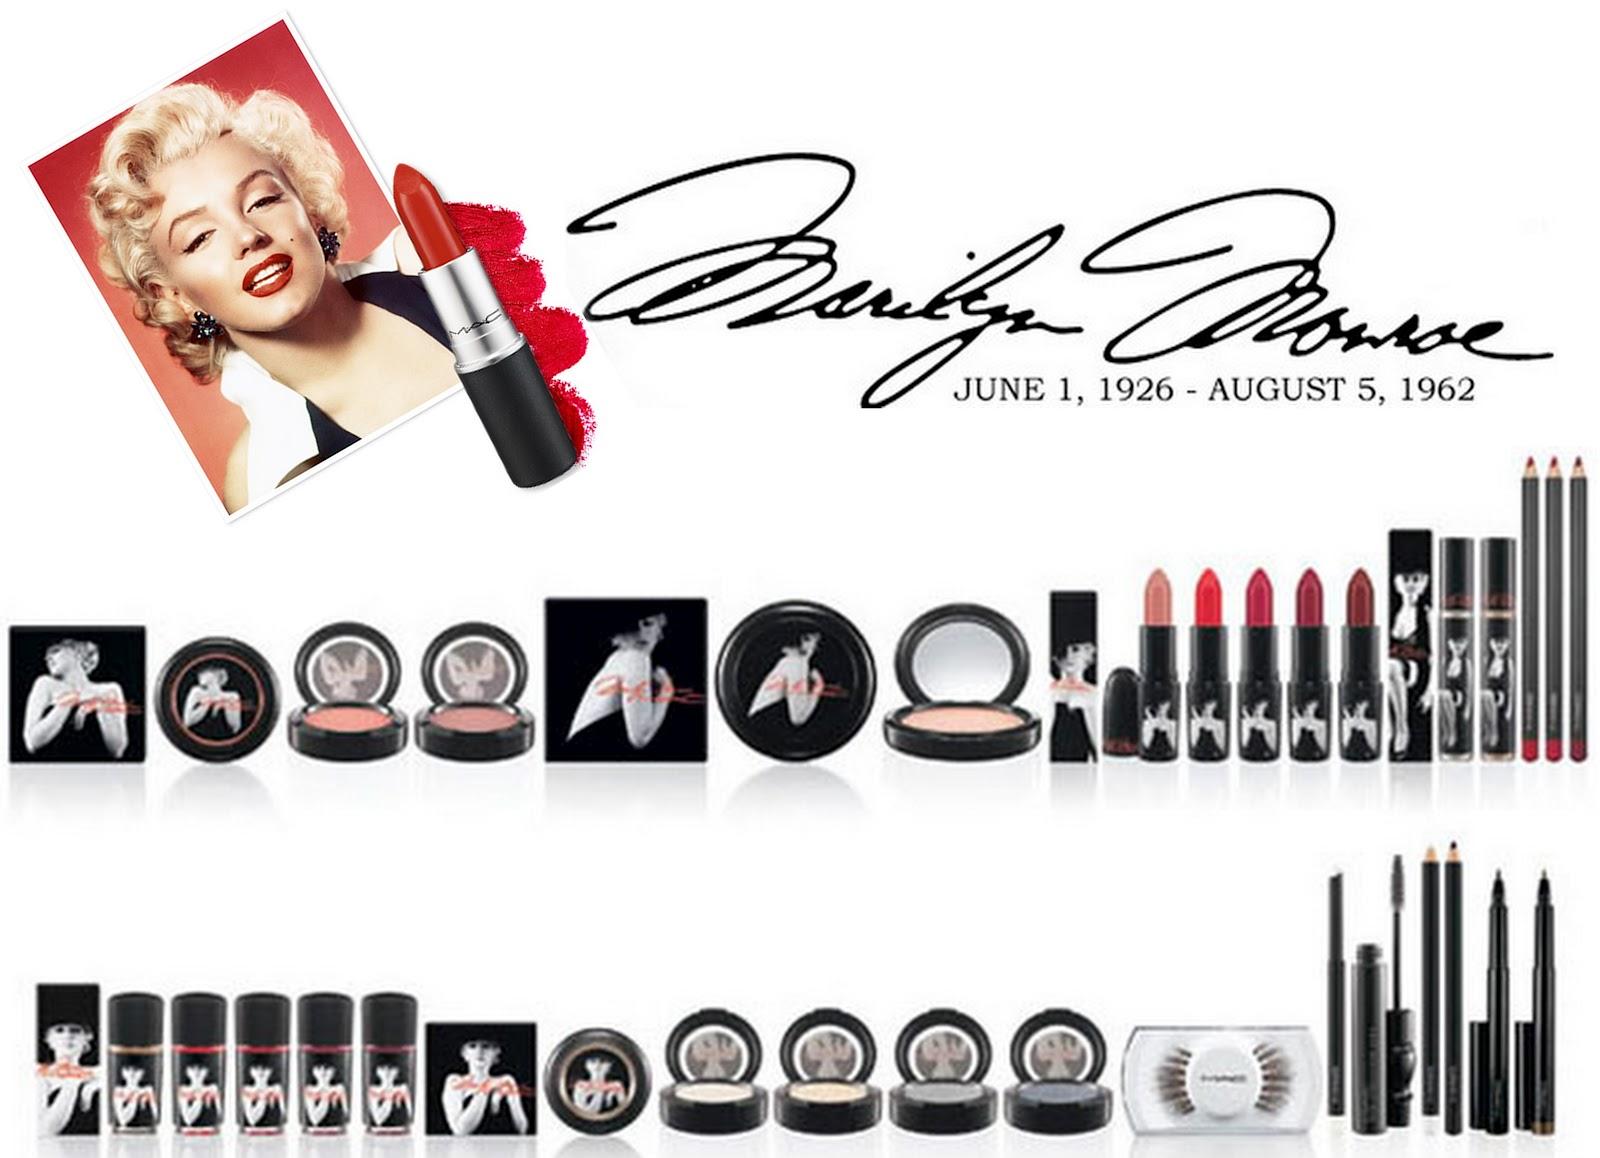 http://2.bp.blogspot.com/-Vq0moBKwbx0/UDJWZtWFk4I/AAAAAAAAA38/daH3Dbnn3bY/s1600/MAC+Marilyn+Monroe+-+Resenha+Chic.jpg